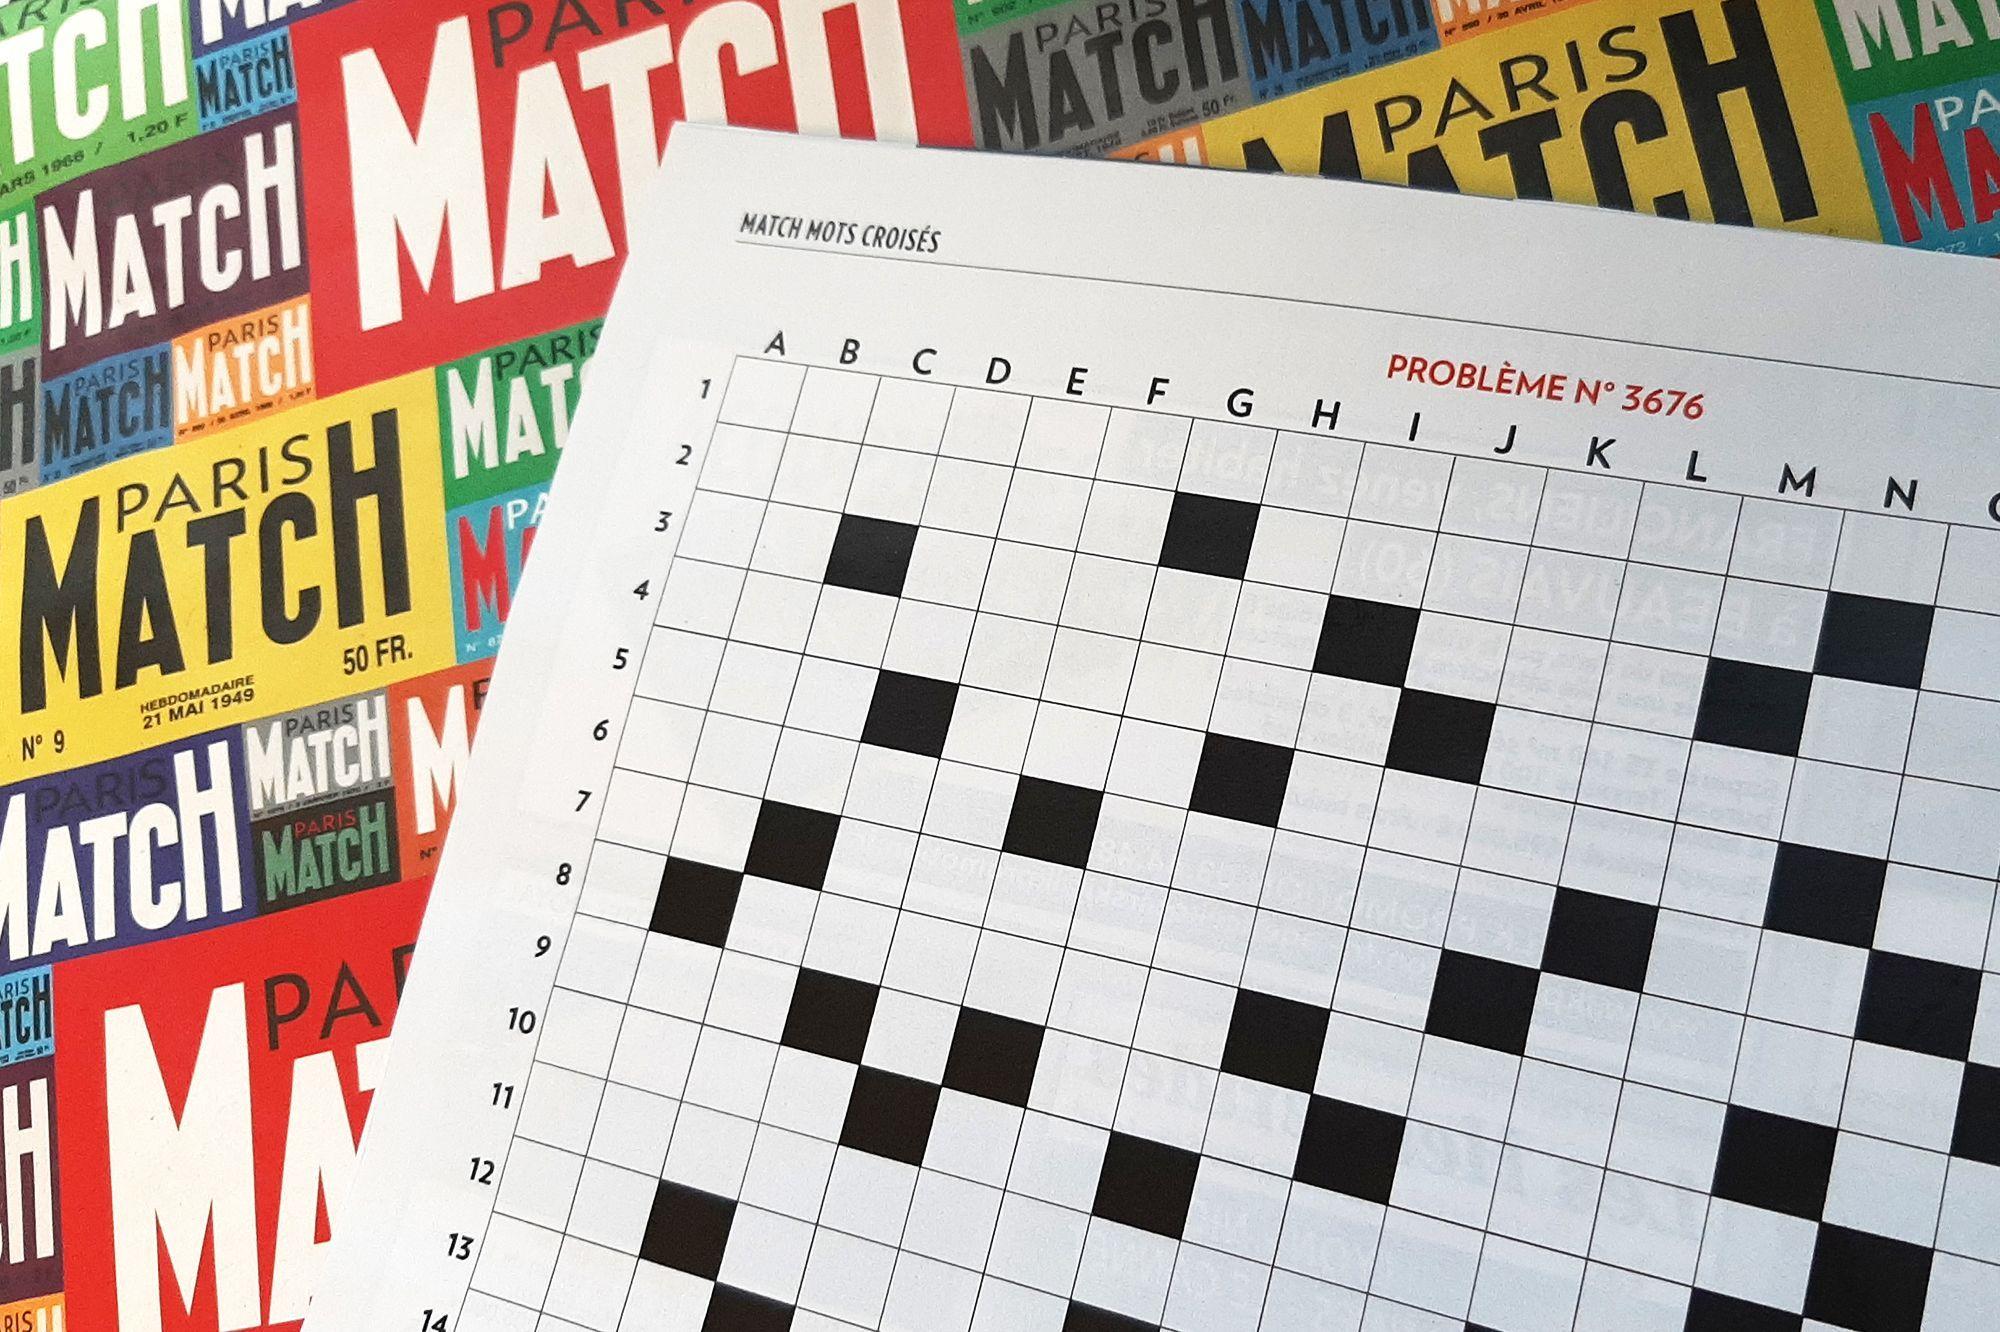 La Solution Des Mots-Croisés De Paris Match N°3676 à Mots Croises Ca